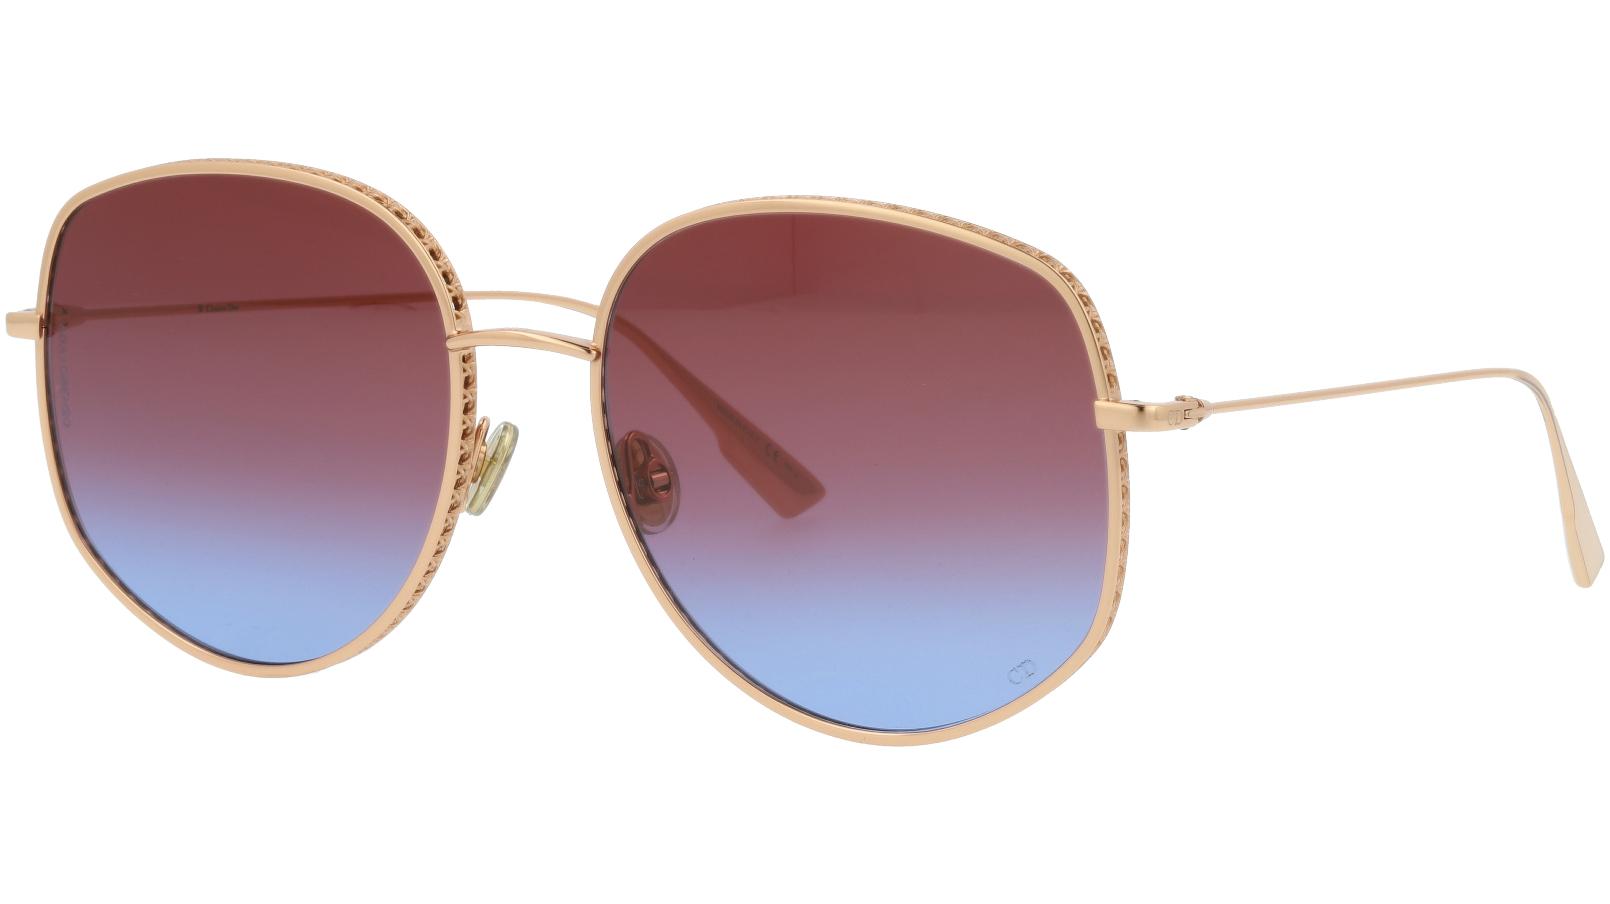 Dior BYDior2 DDBYB 58 Gold Sunglasses